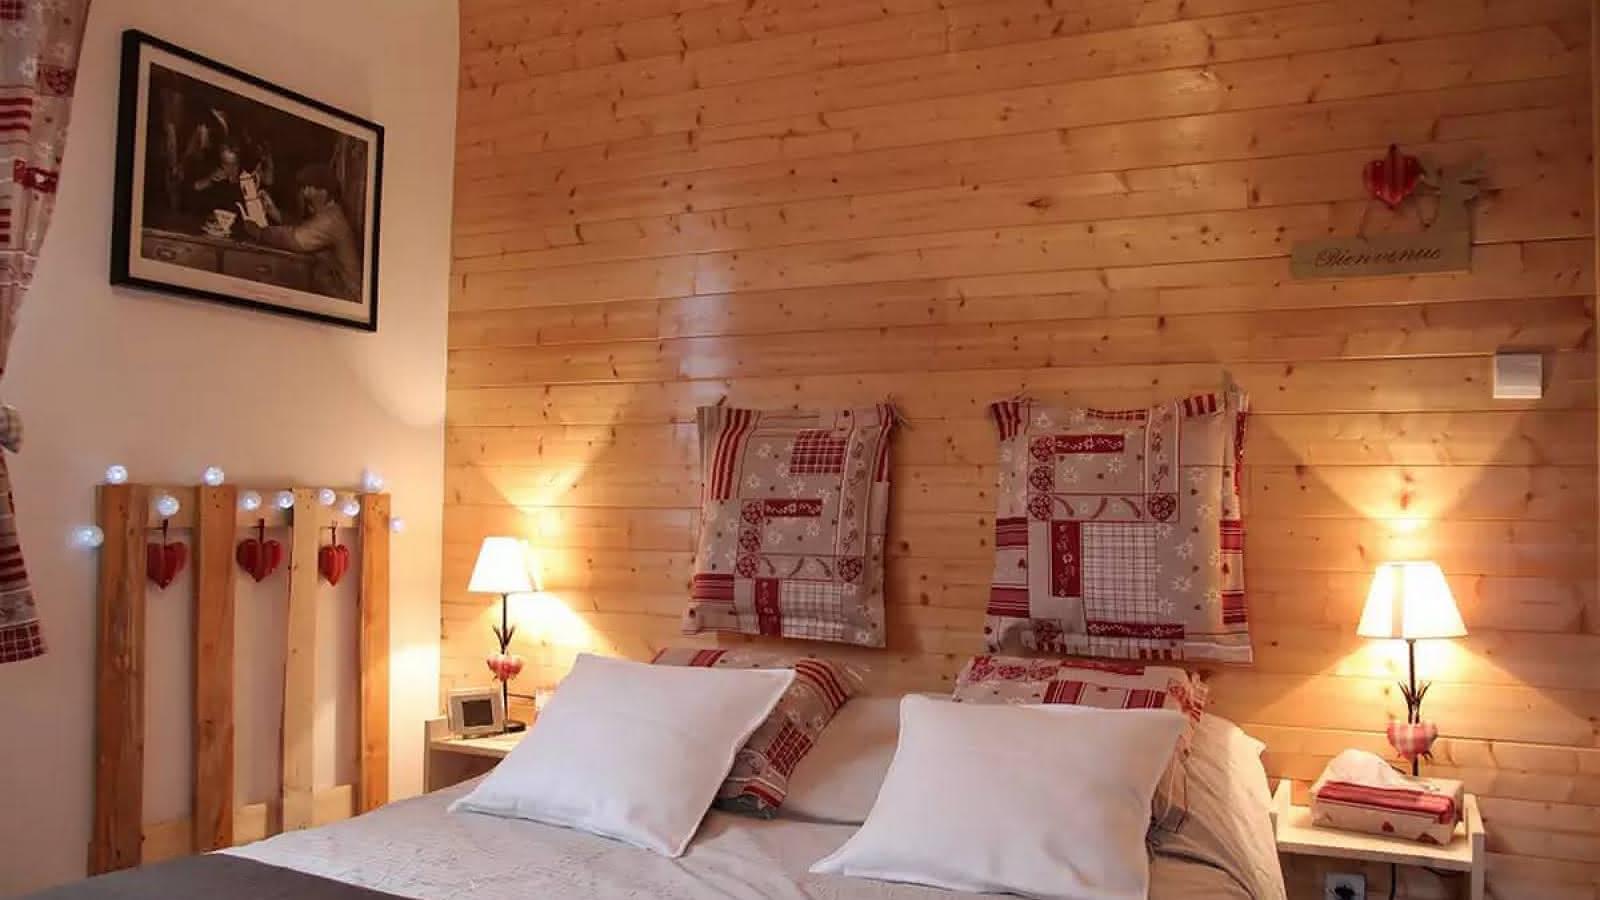 Chambres d\'hôtes Chalet des 3 pins | Visit Alsace